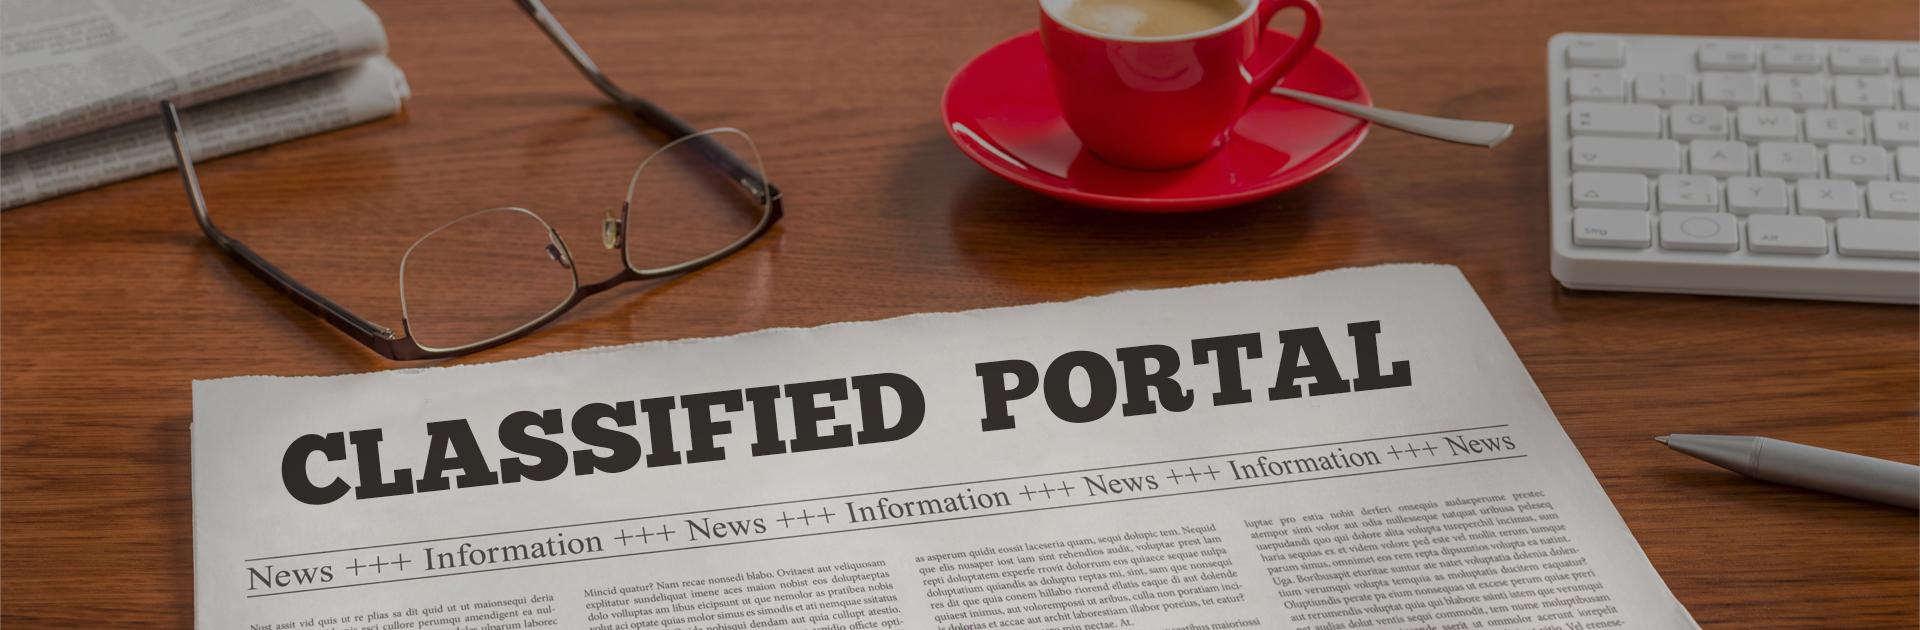 Classified Web Portal Development Company In Delhi